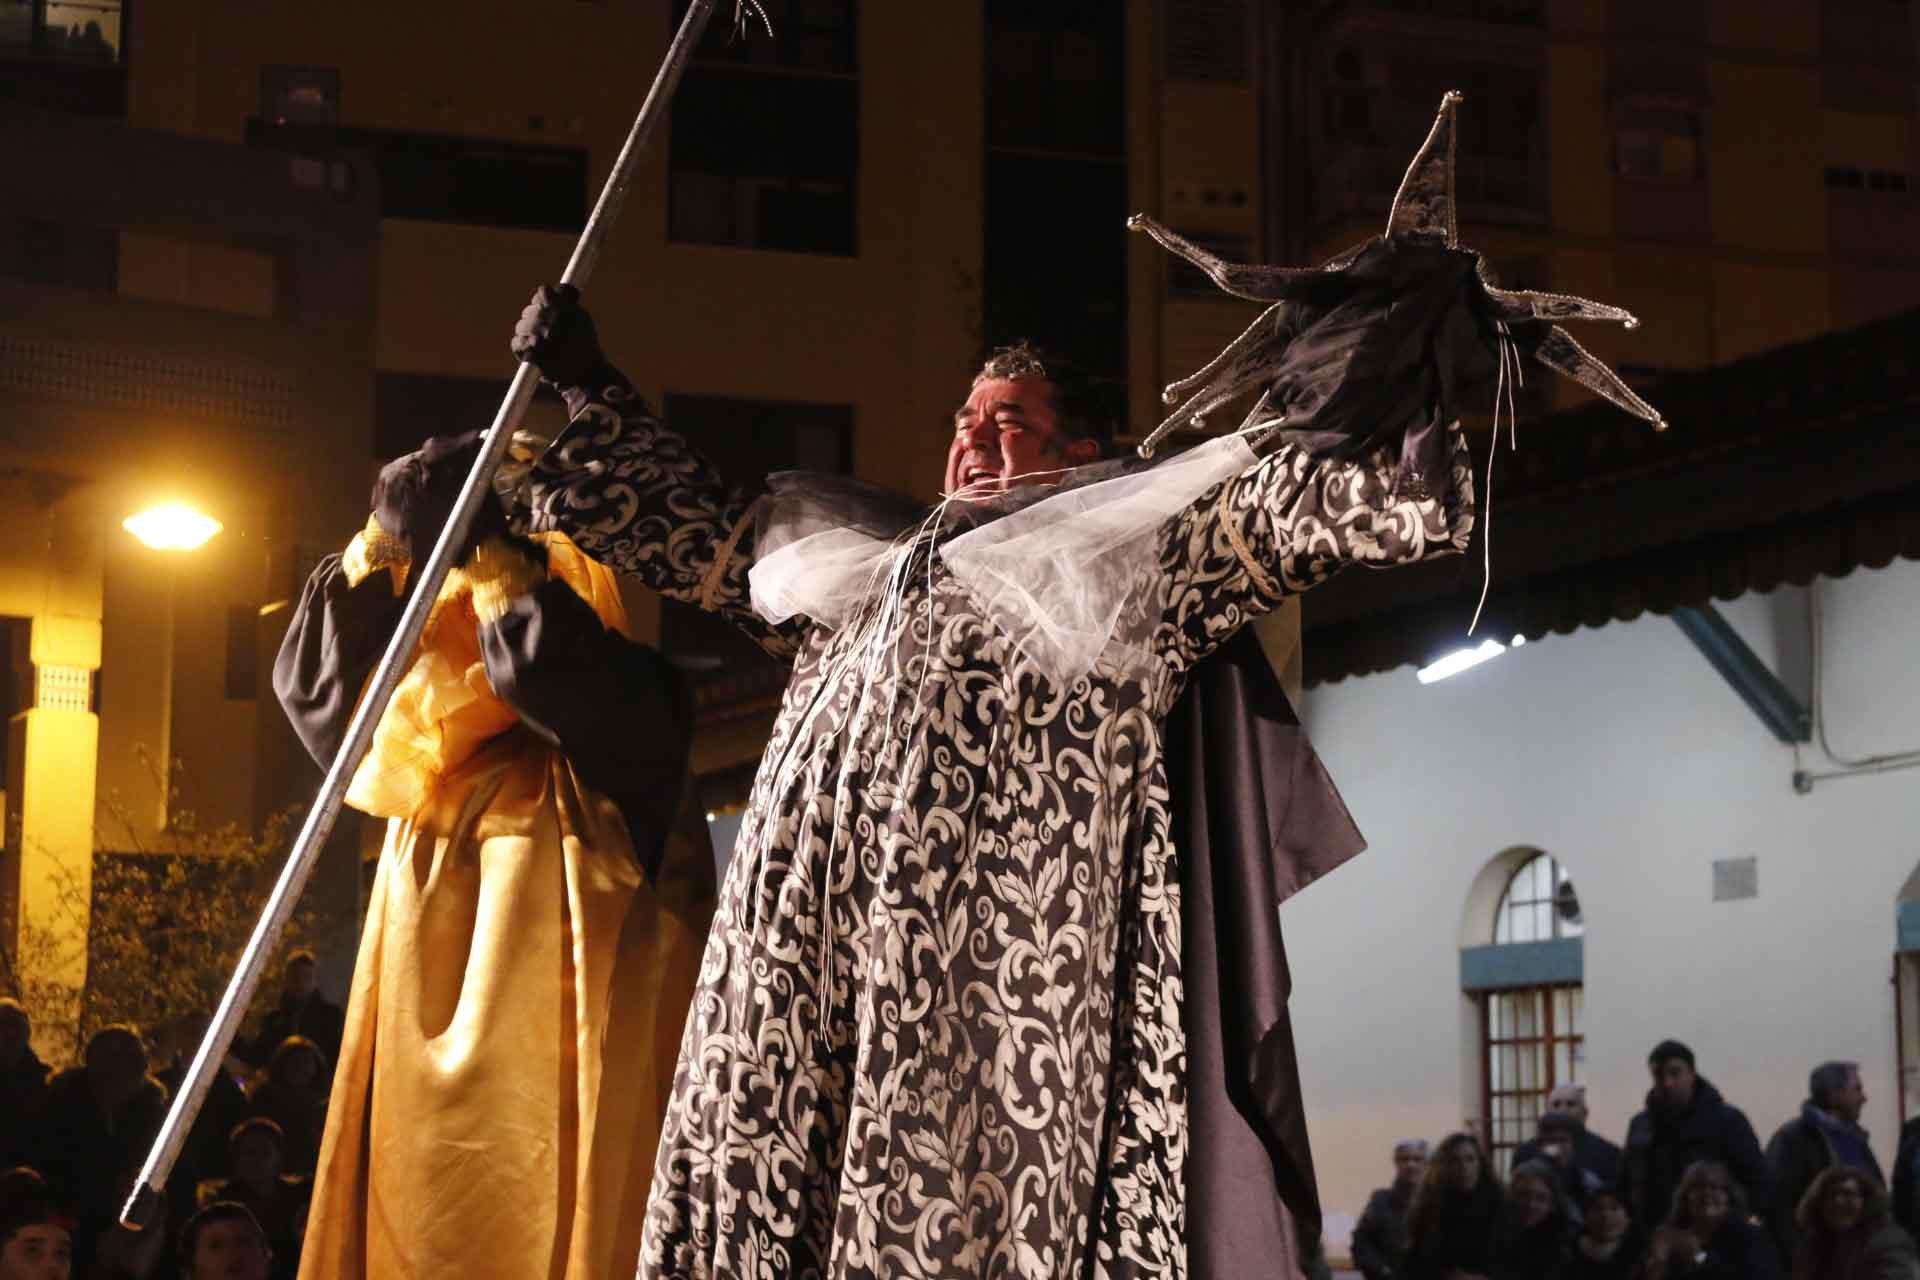 Lágrimas de ironía 'entierran' el Carnaval del Grao de Castellón